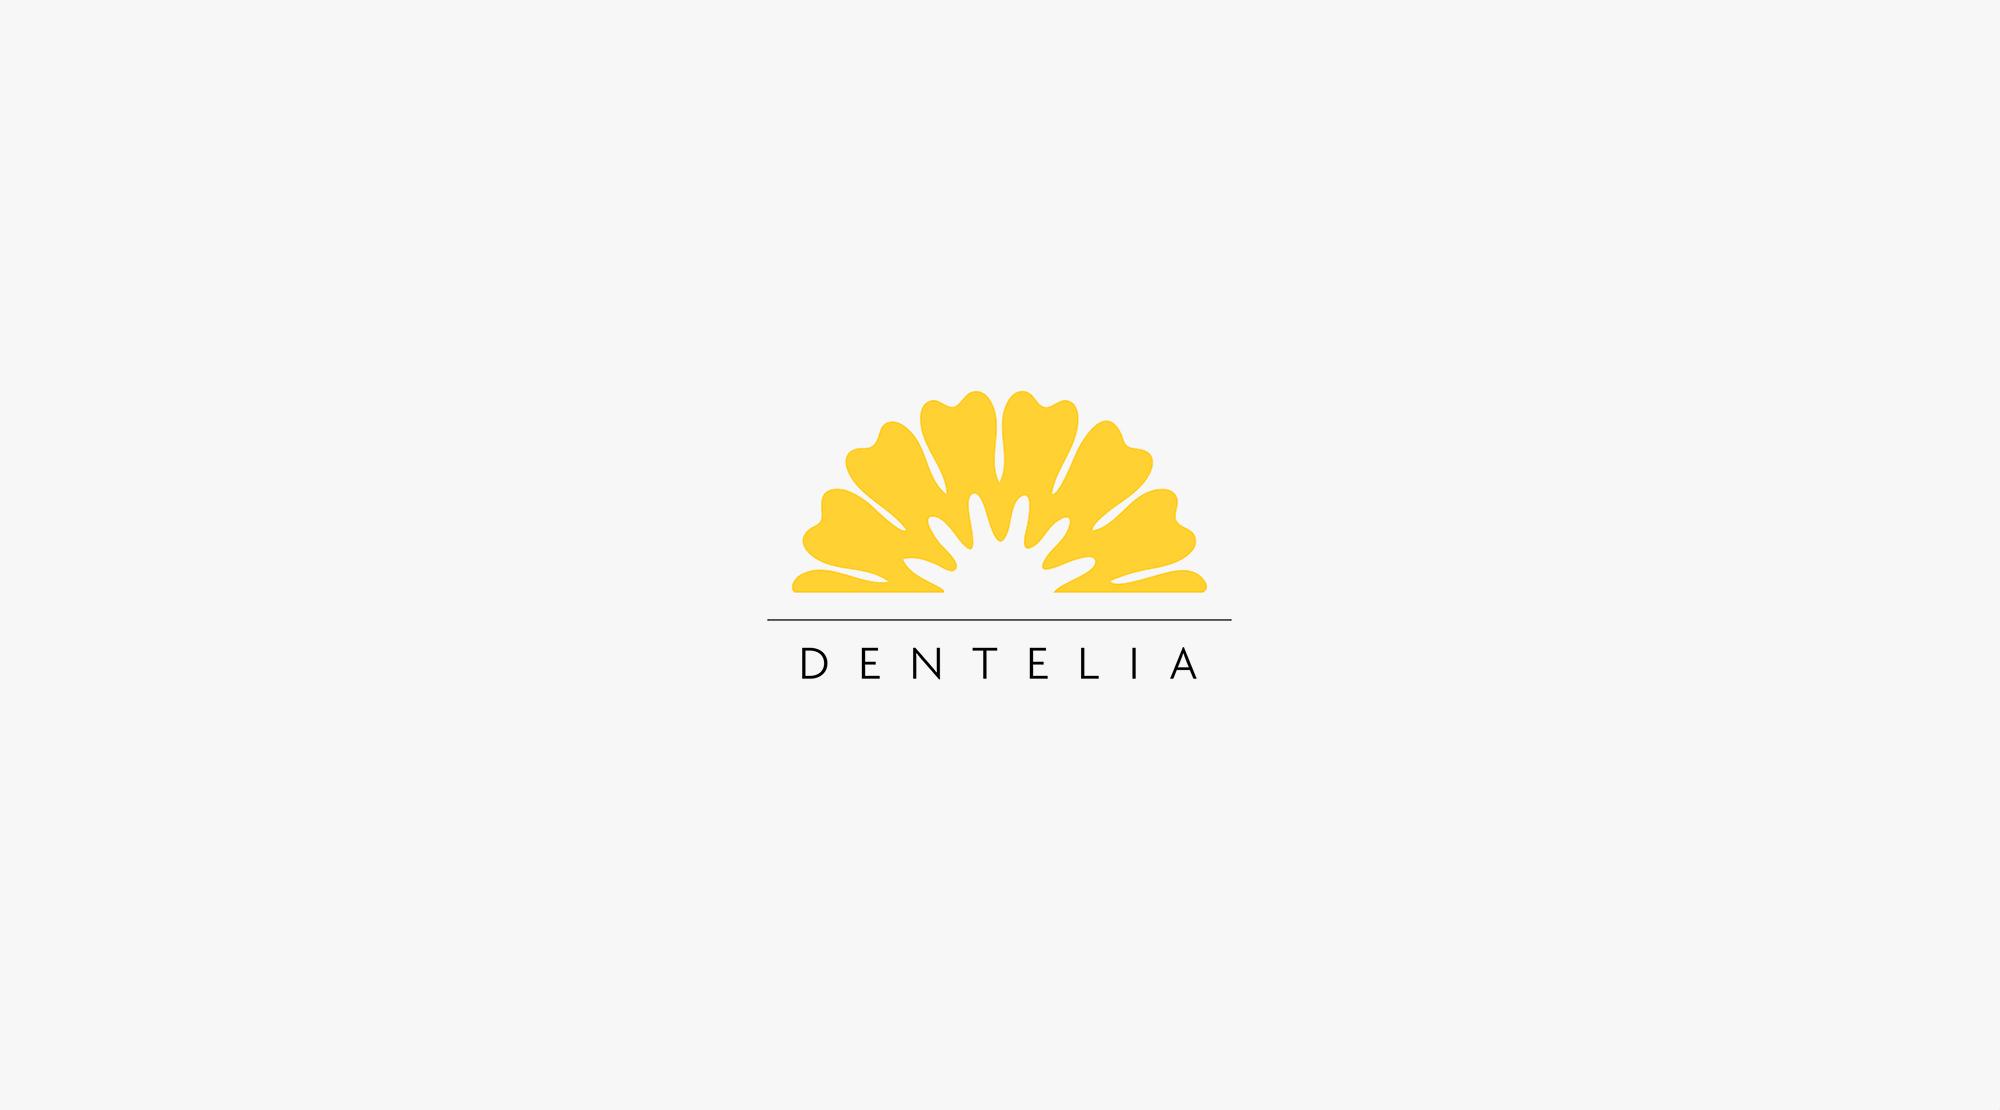 DENTELIA